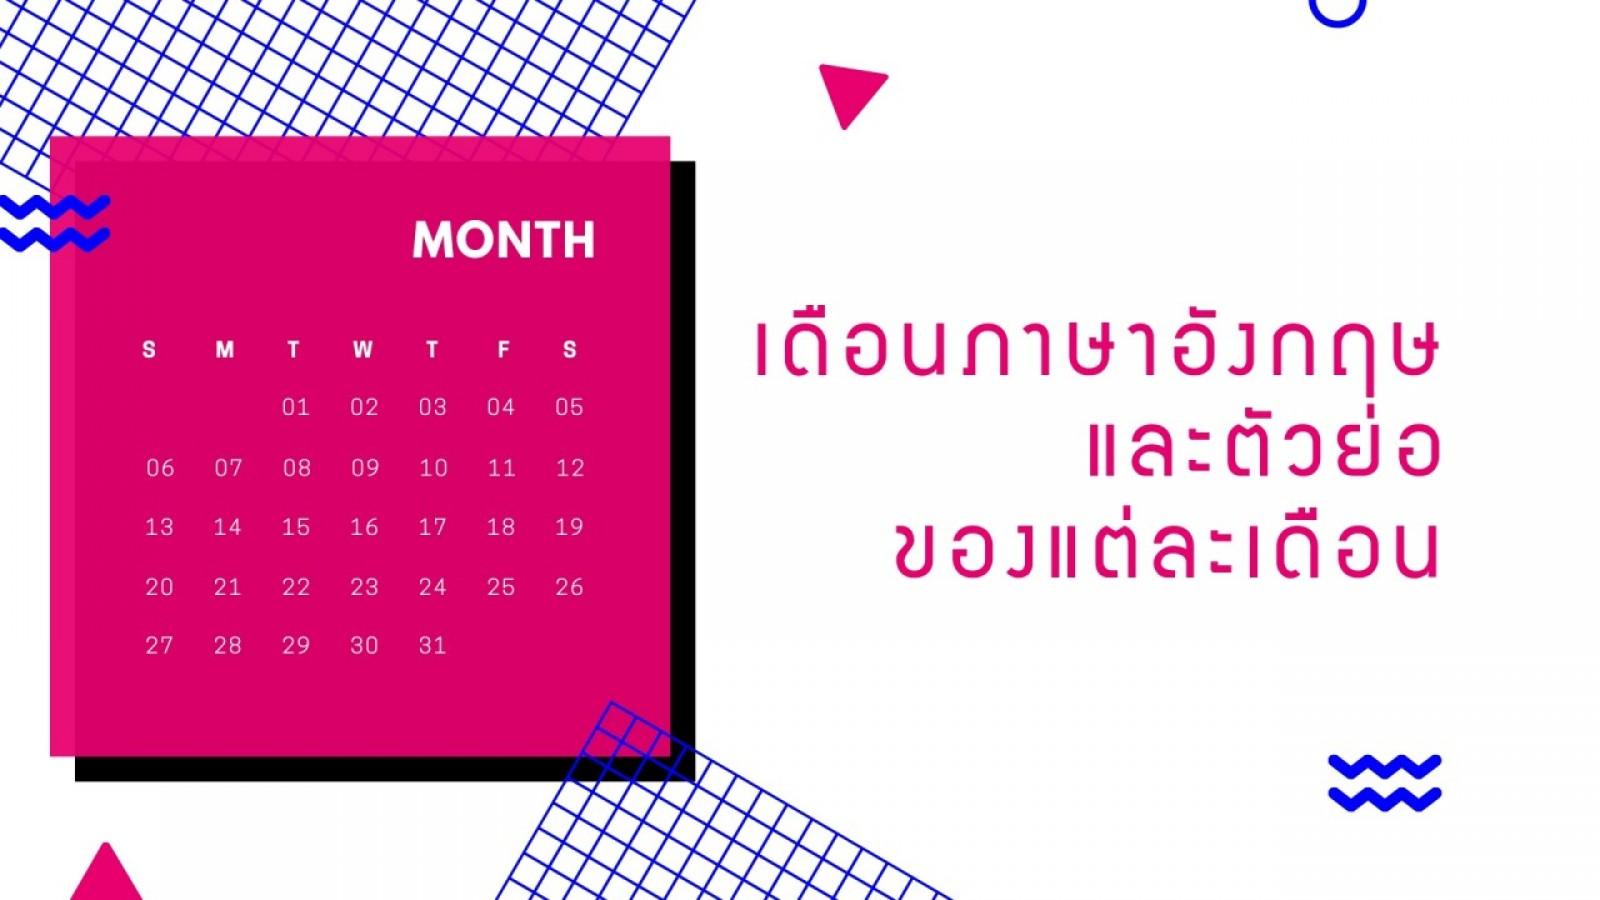 เดือนภาษาอังกฤษ ทั้ง 12 เดือน และตัวย่อเดือนภาษาอังกฤษ